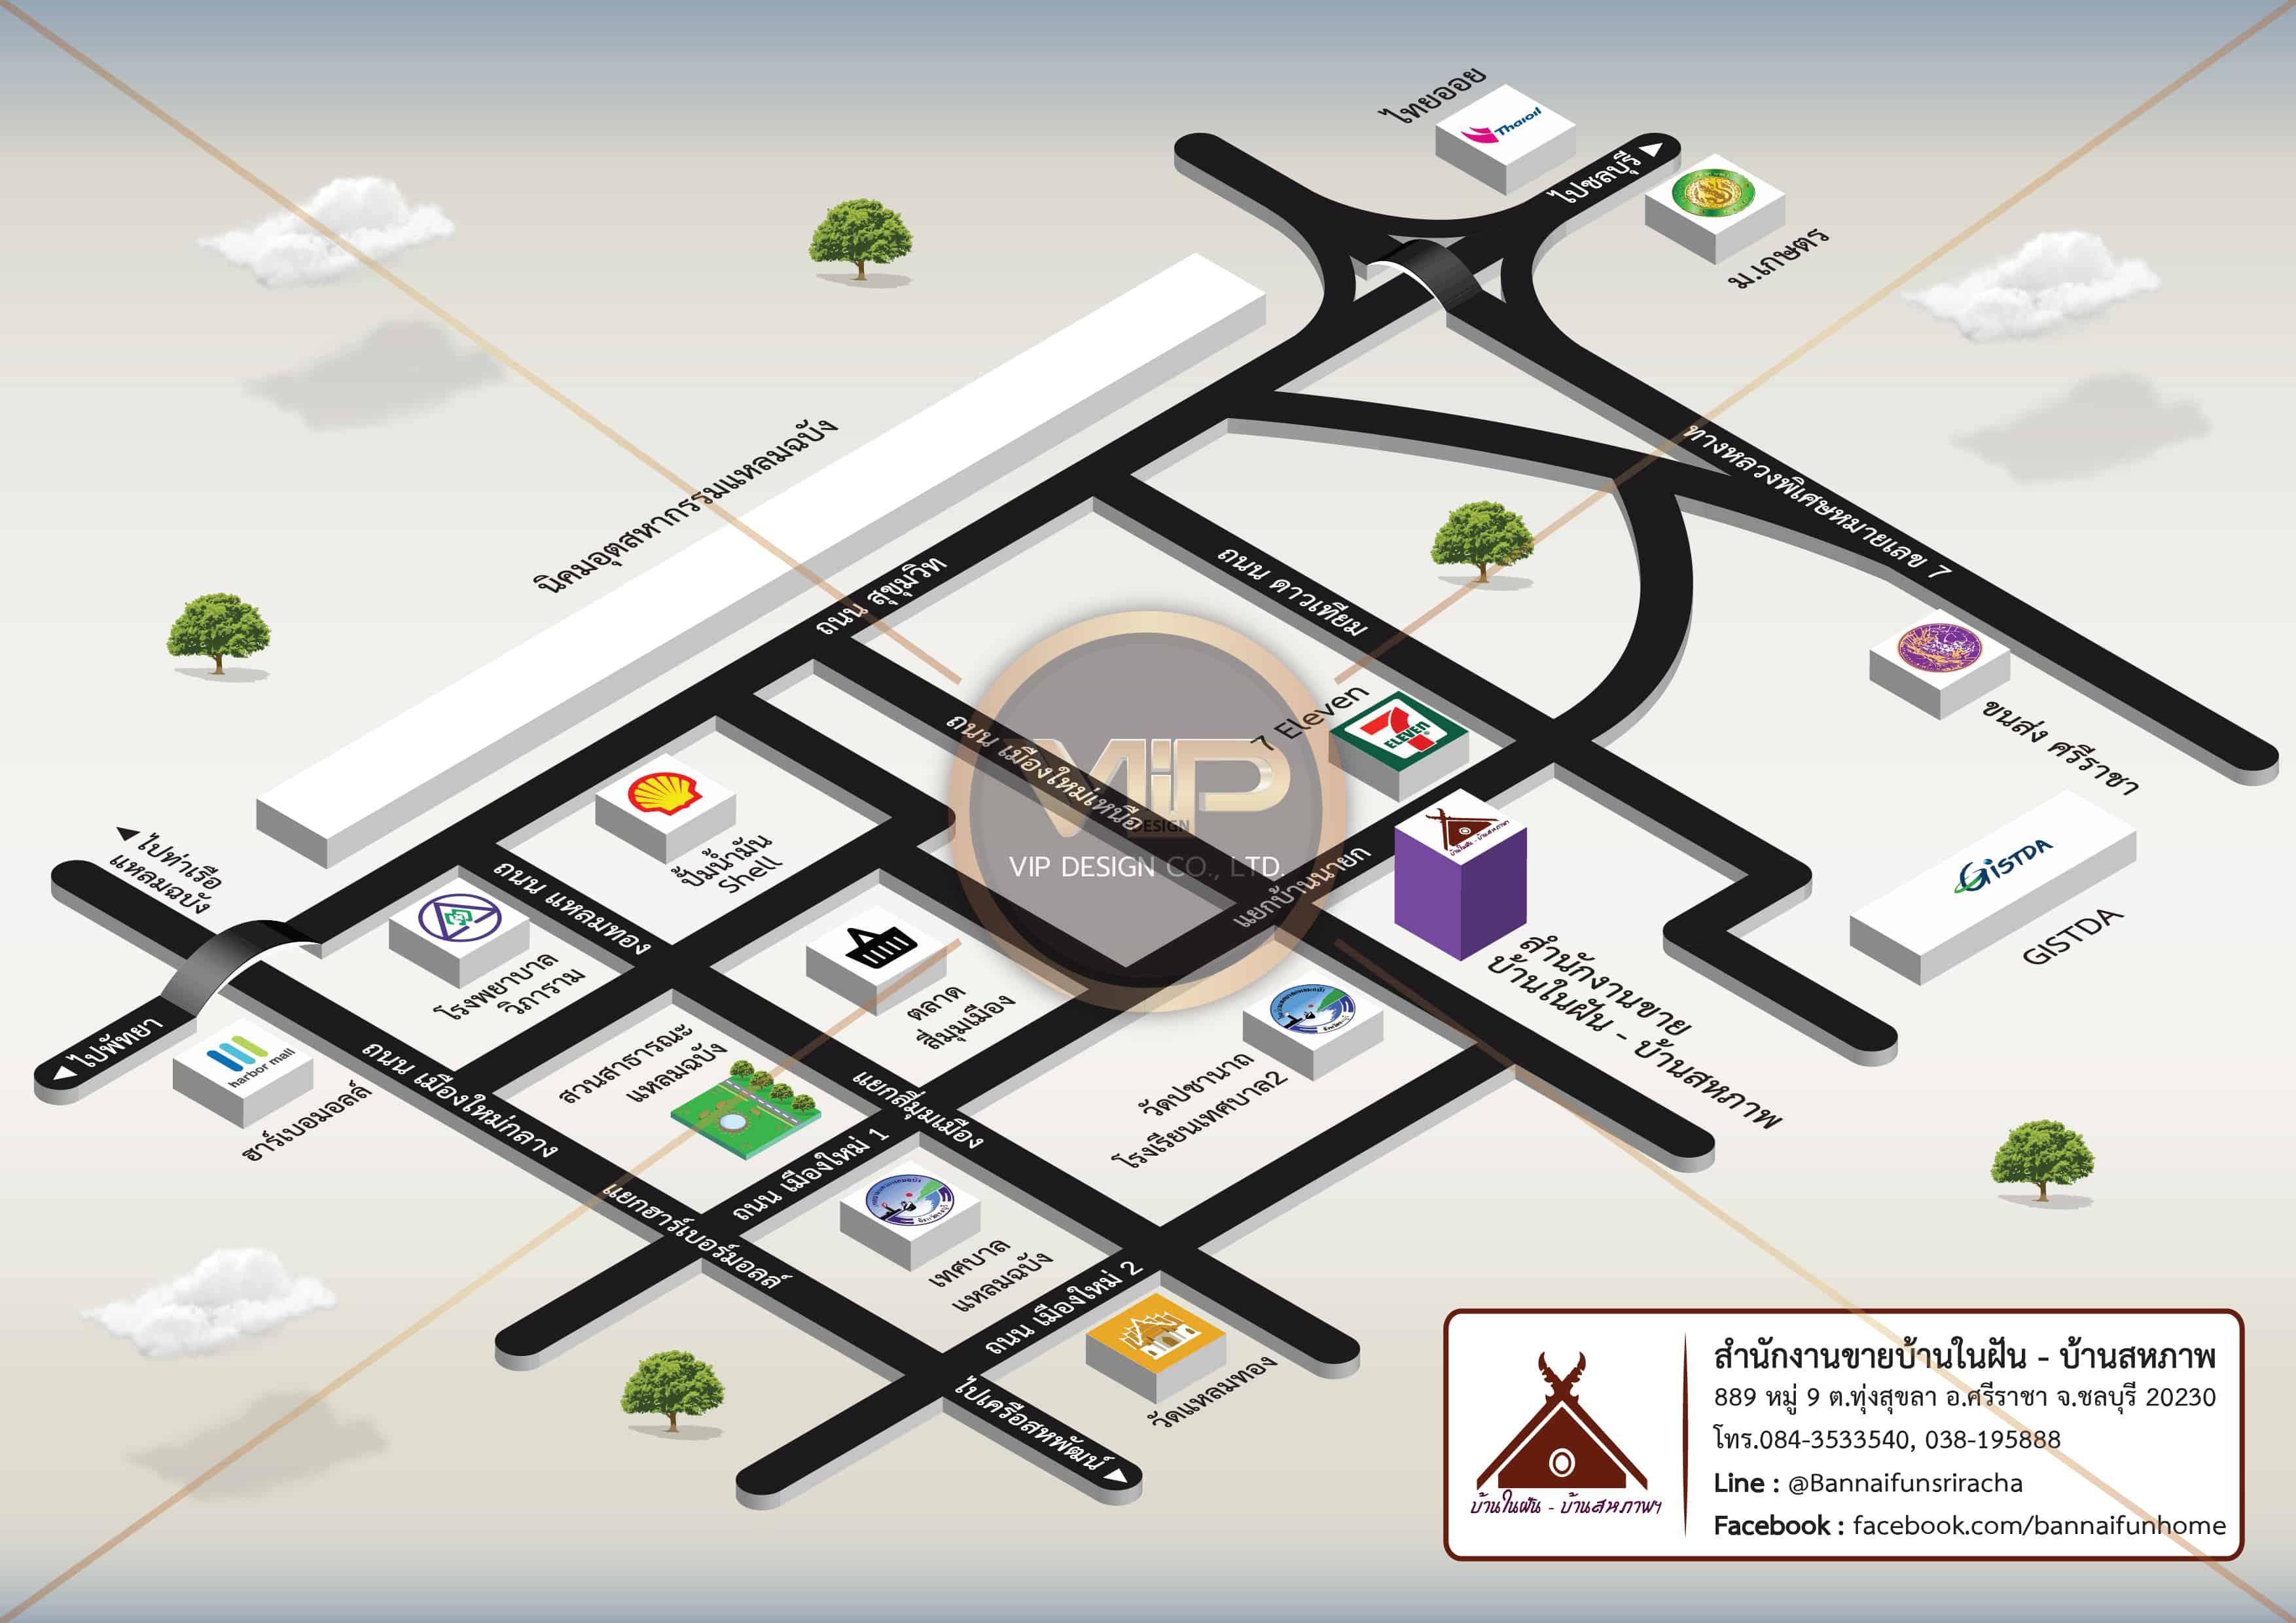 Preview Map - สำนักงานขาย บ้านในฝัน 1